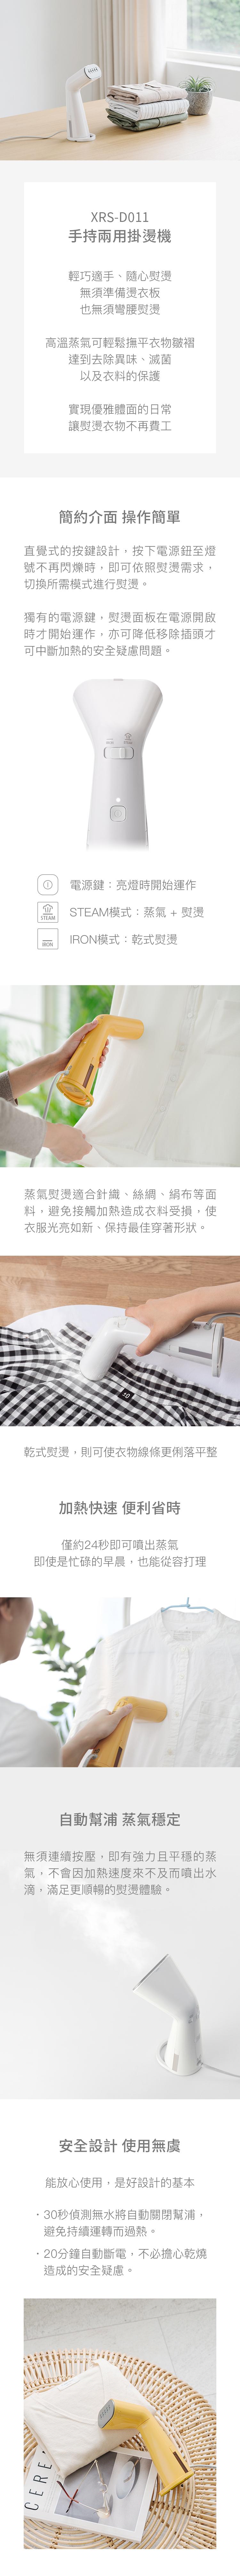 吸塵器+D011掛燙機+X020空氣清淨機